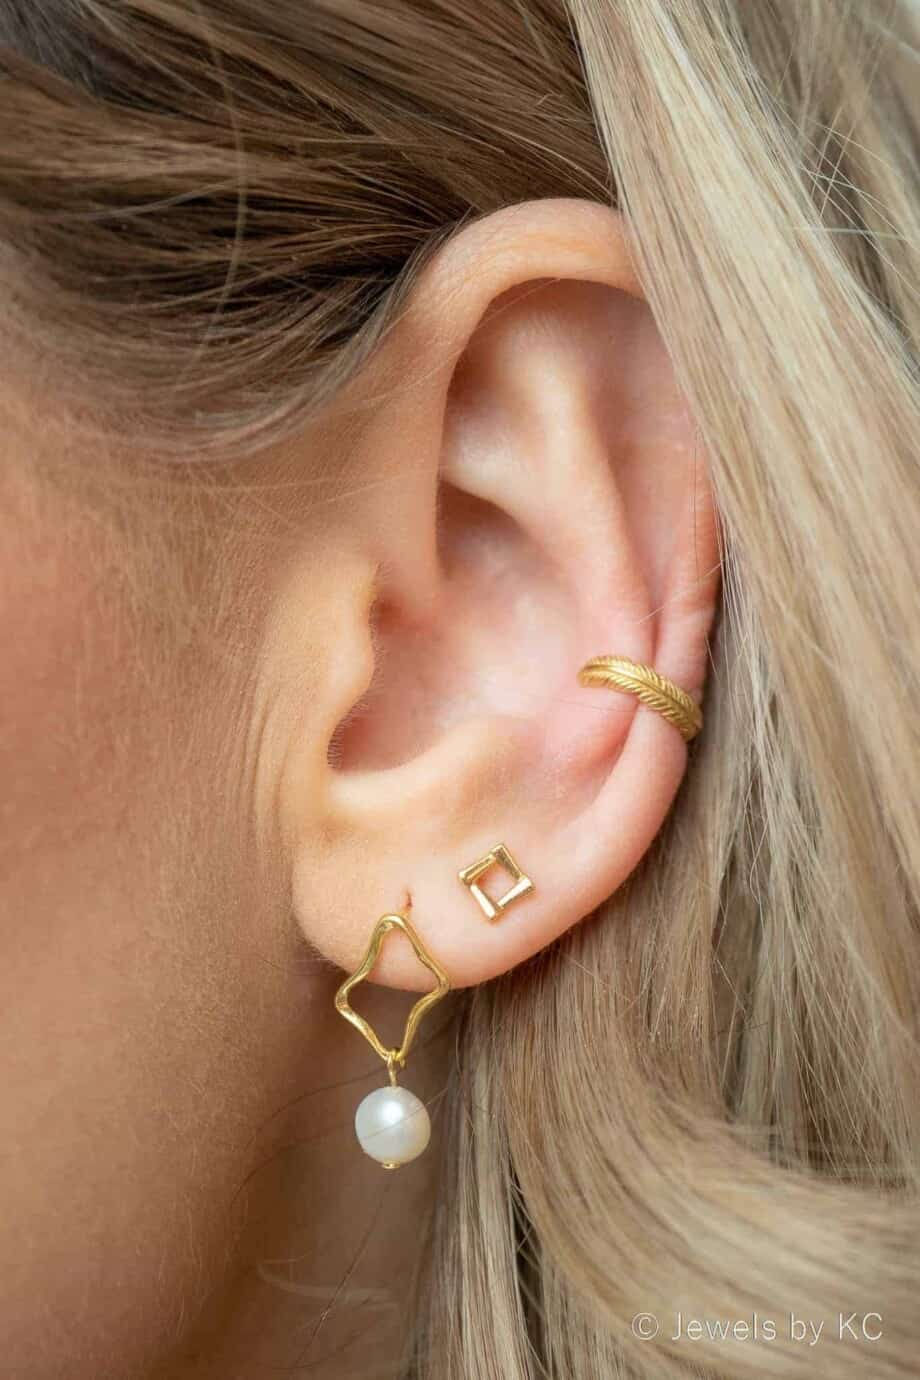 Gouden oorbellen met Zoetwater-parels en Gouden ear cuff van Goud op Zilver